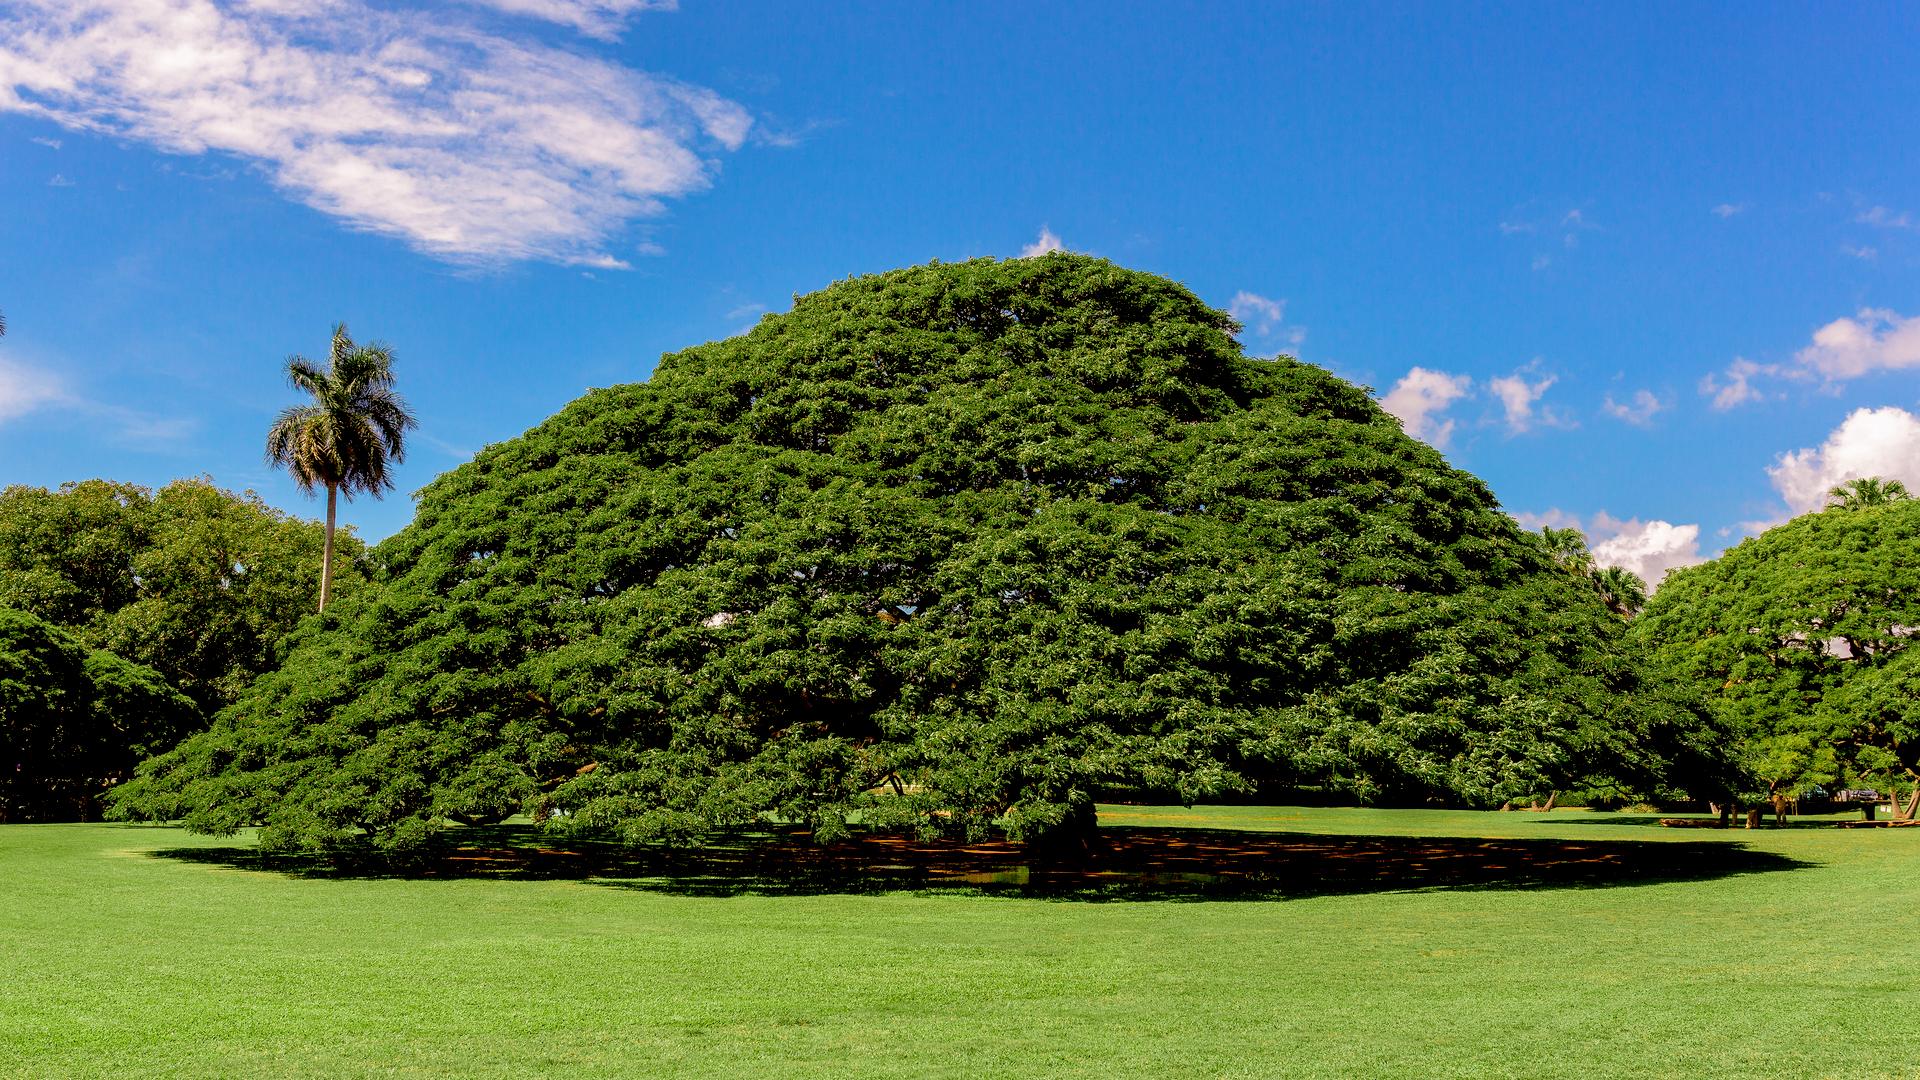 木だけに気になる?物語感じる、不思議な「世界にひとつだけの木」8選 ...